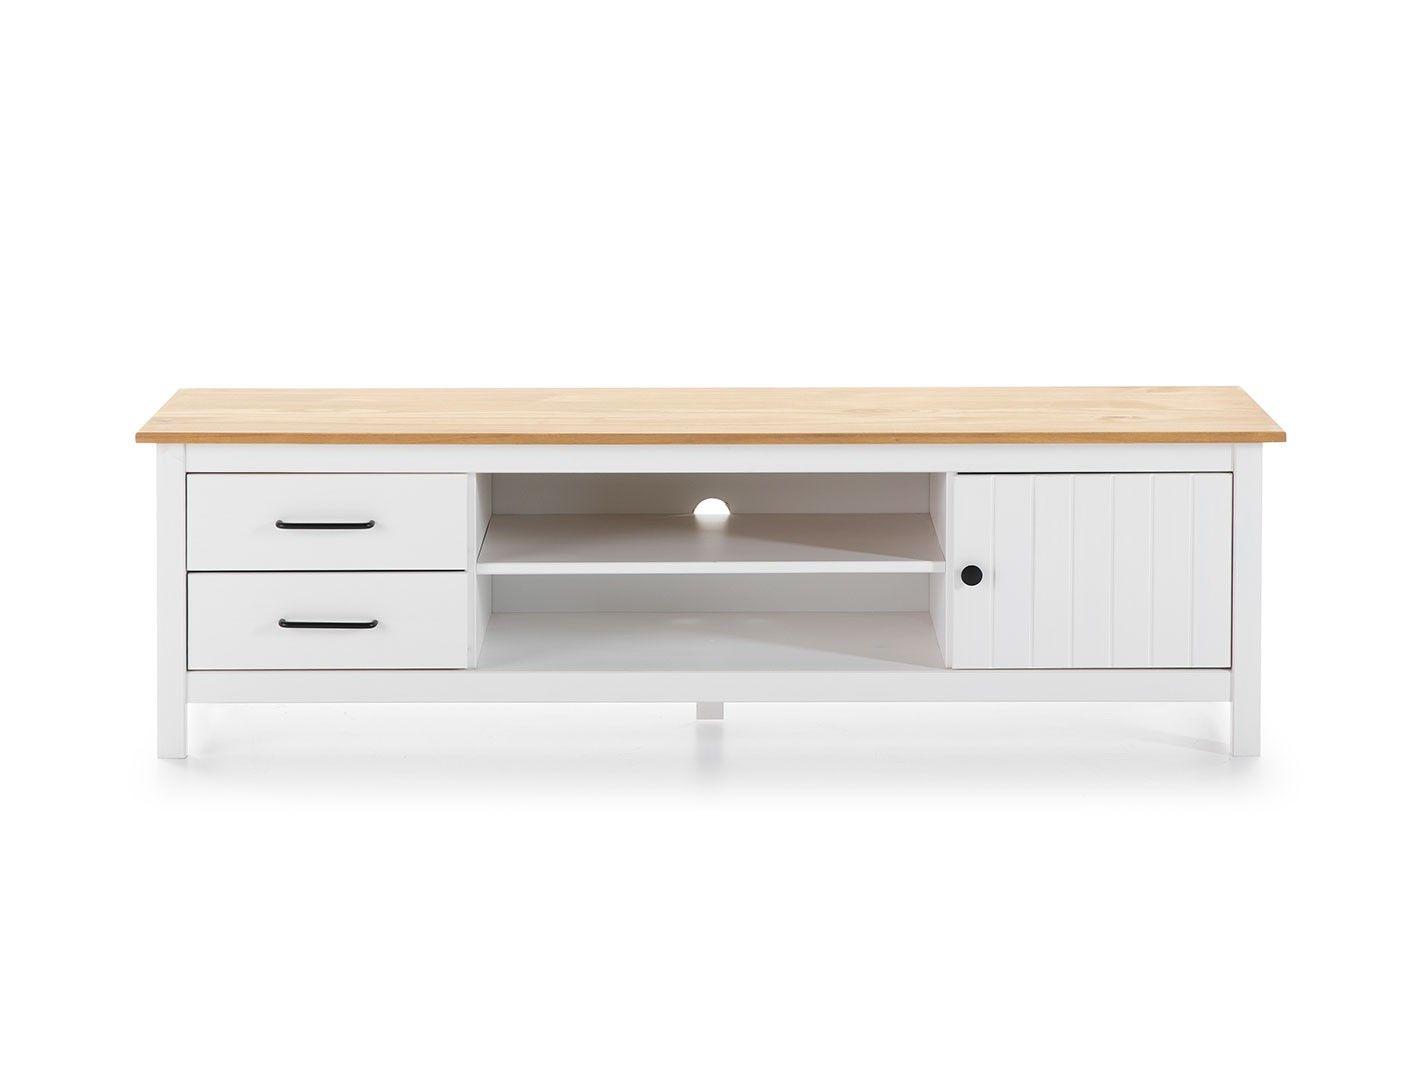 Mueble zapatero 3 puertas color eco polar for Muebles zapateros originales